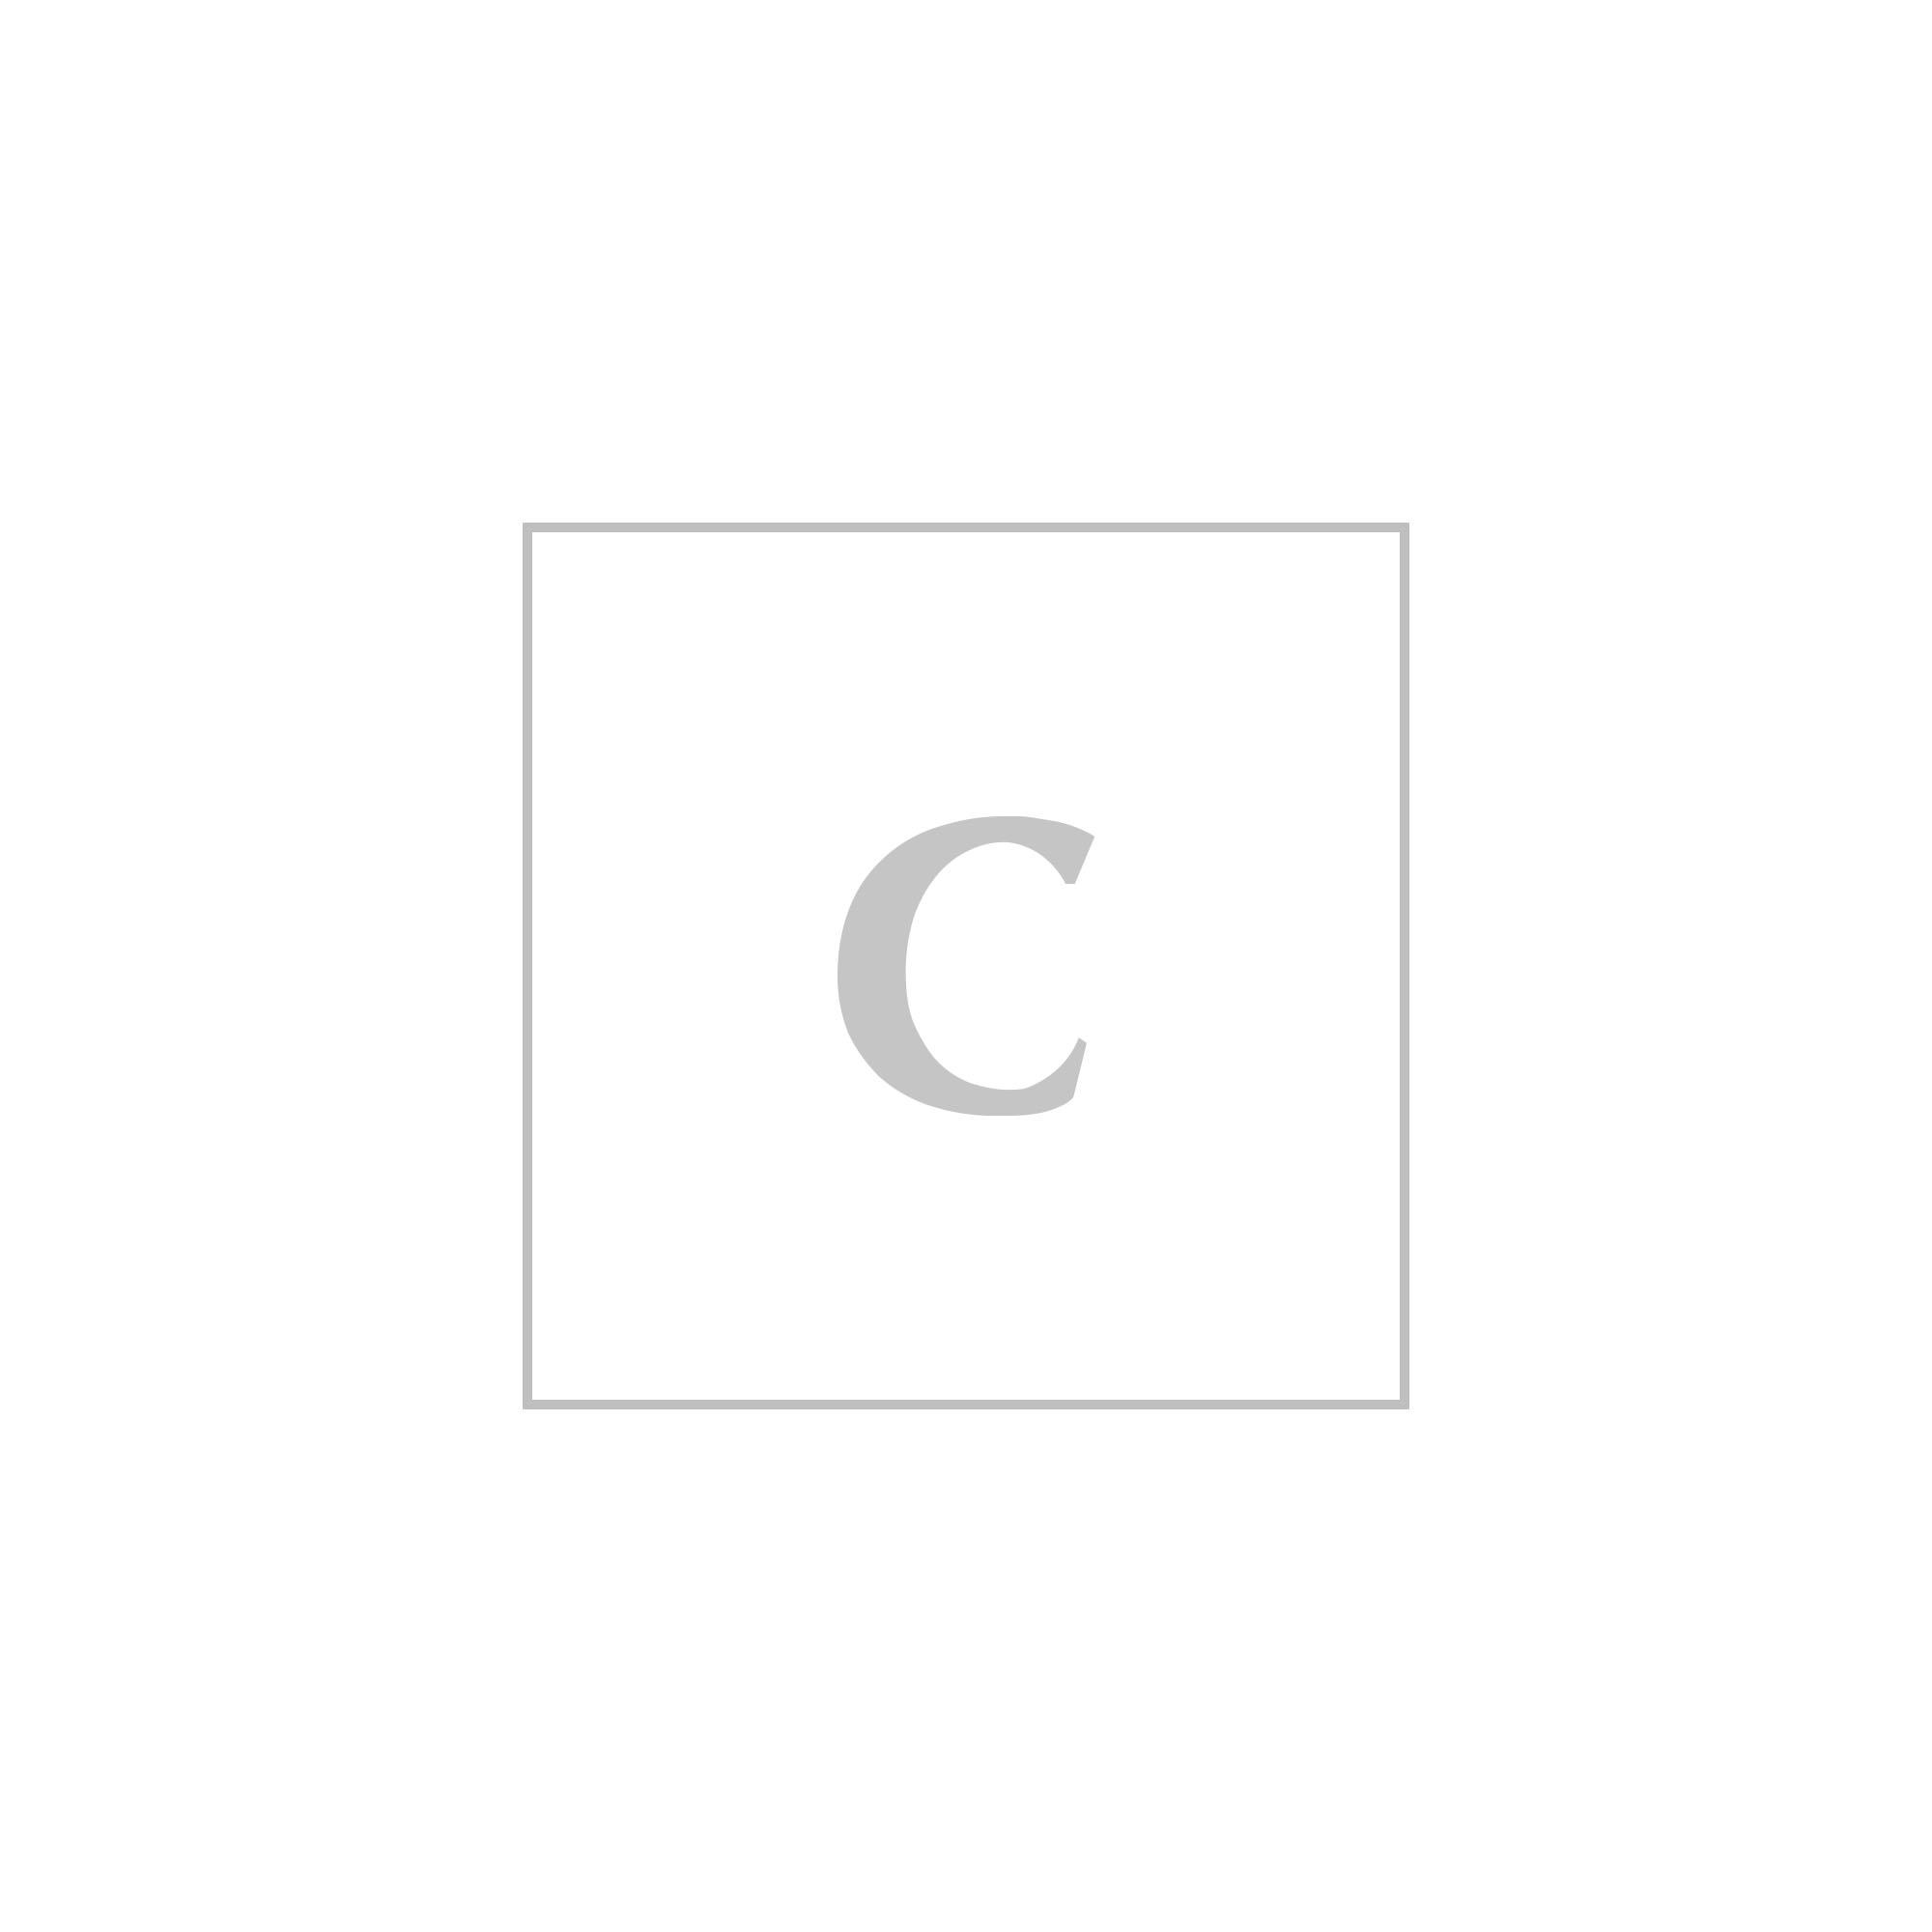 Prada giacca cloquet fiore garza lino